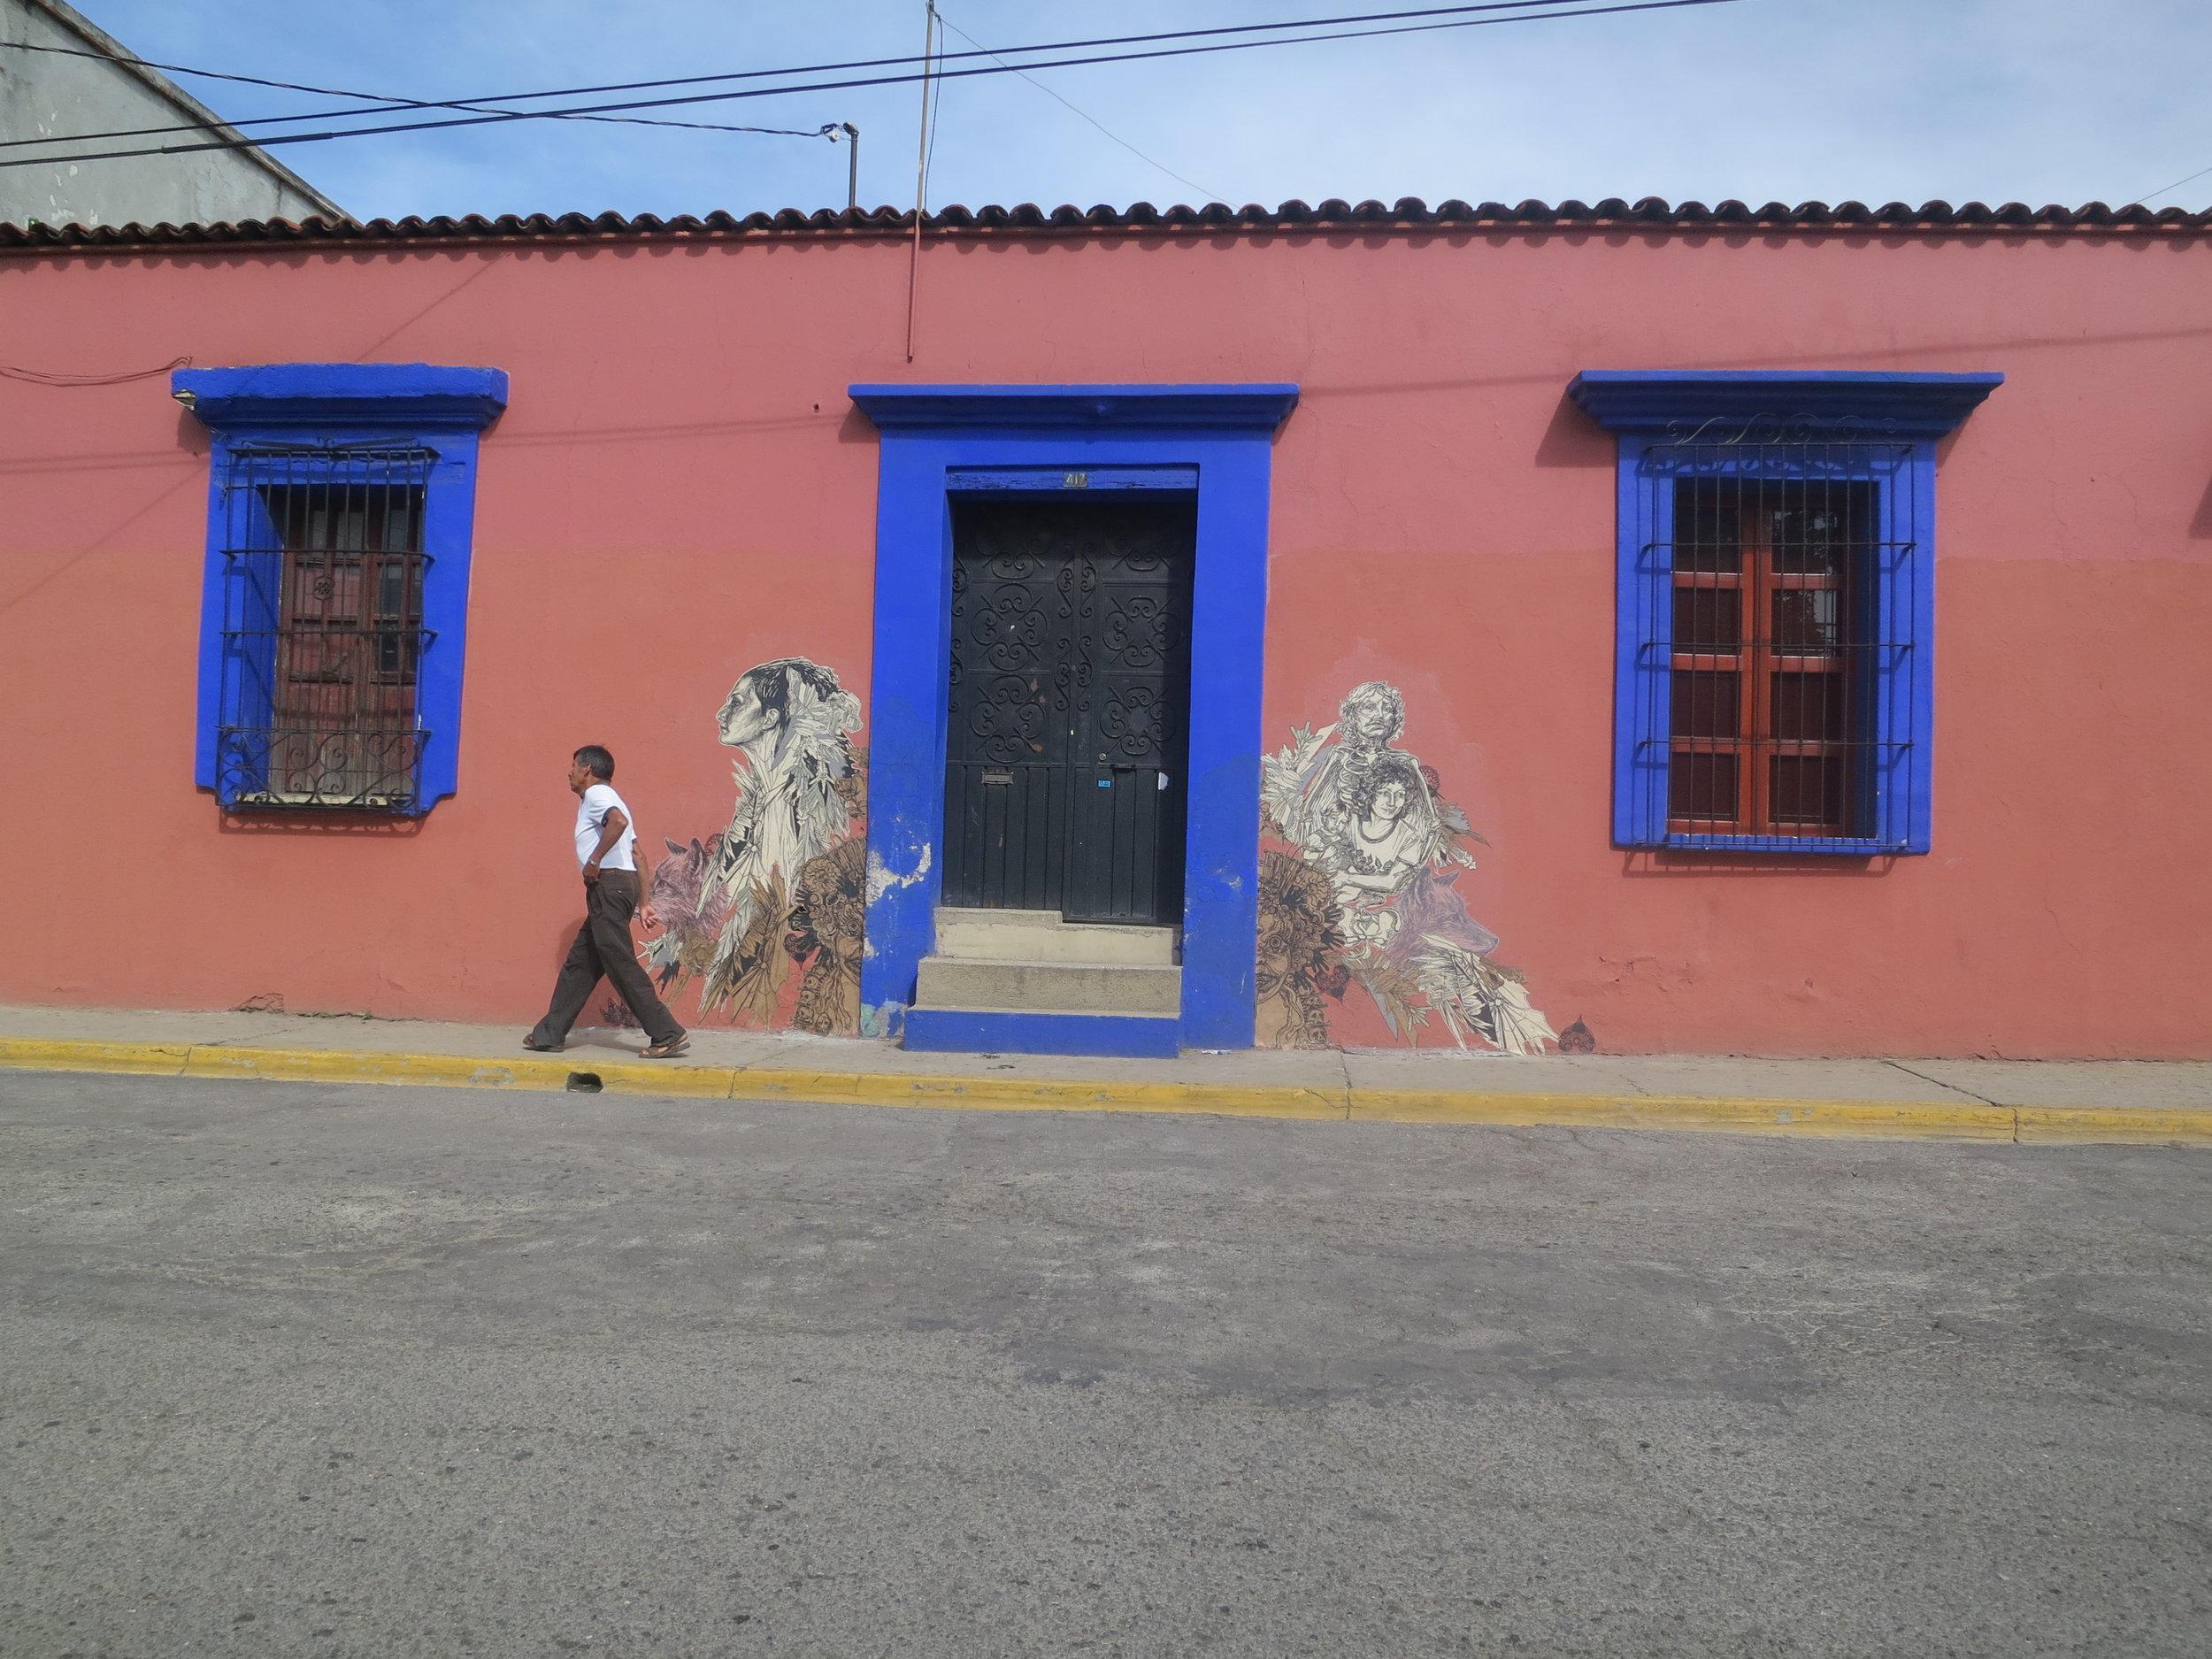 Oaxaca, Mexico, 2013